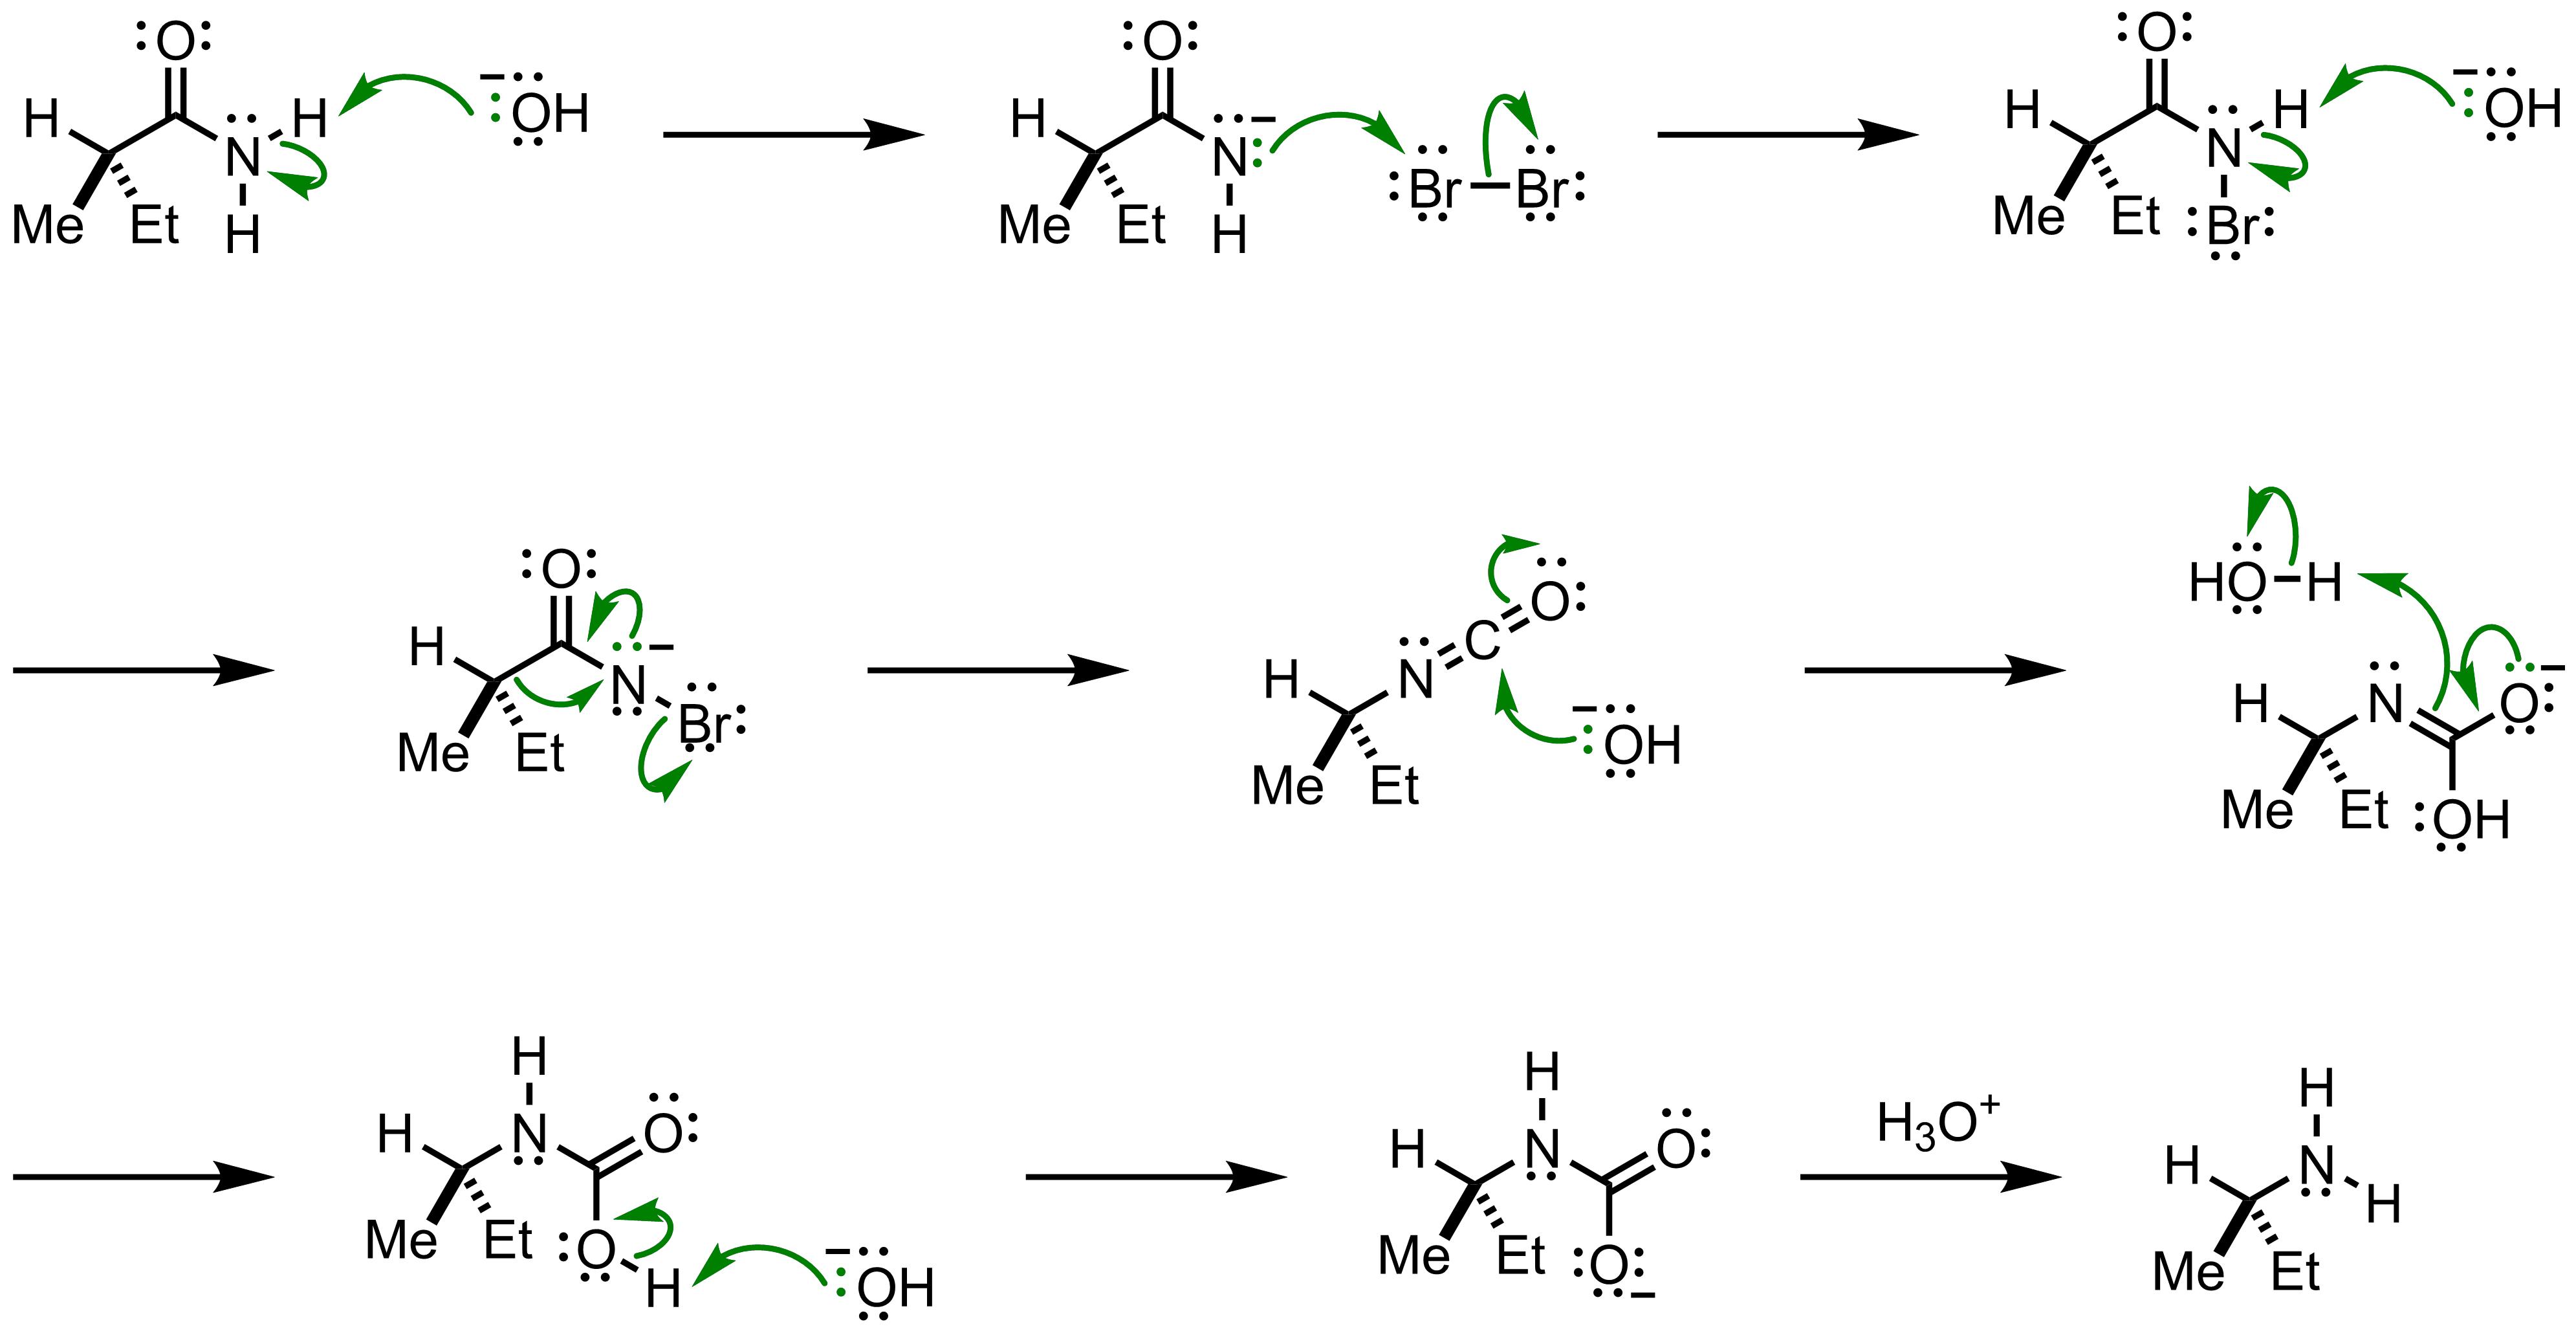 Mechanism of the Hofmann Rearrangement